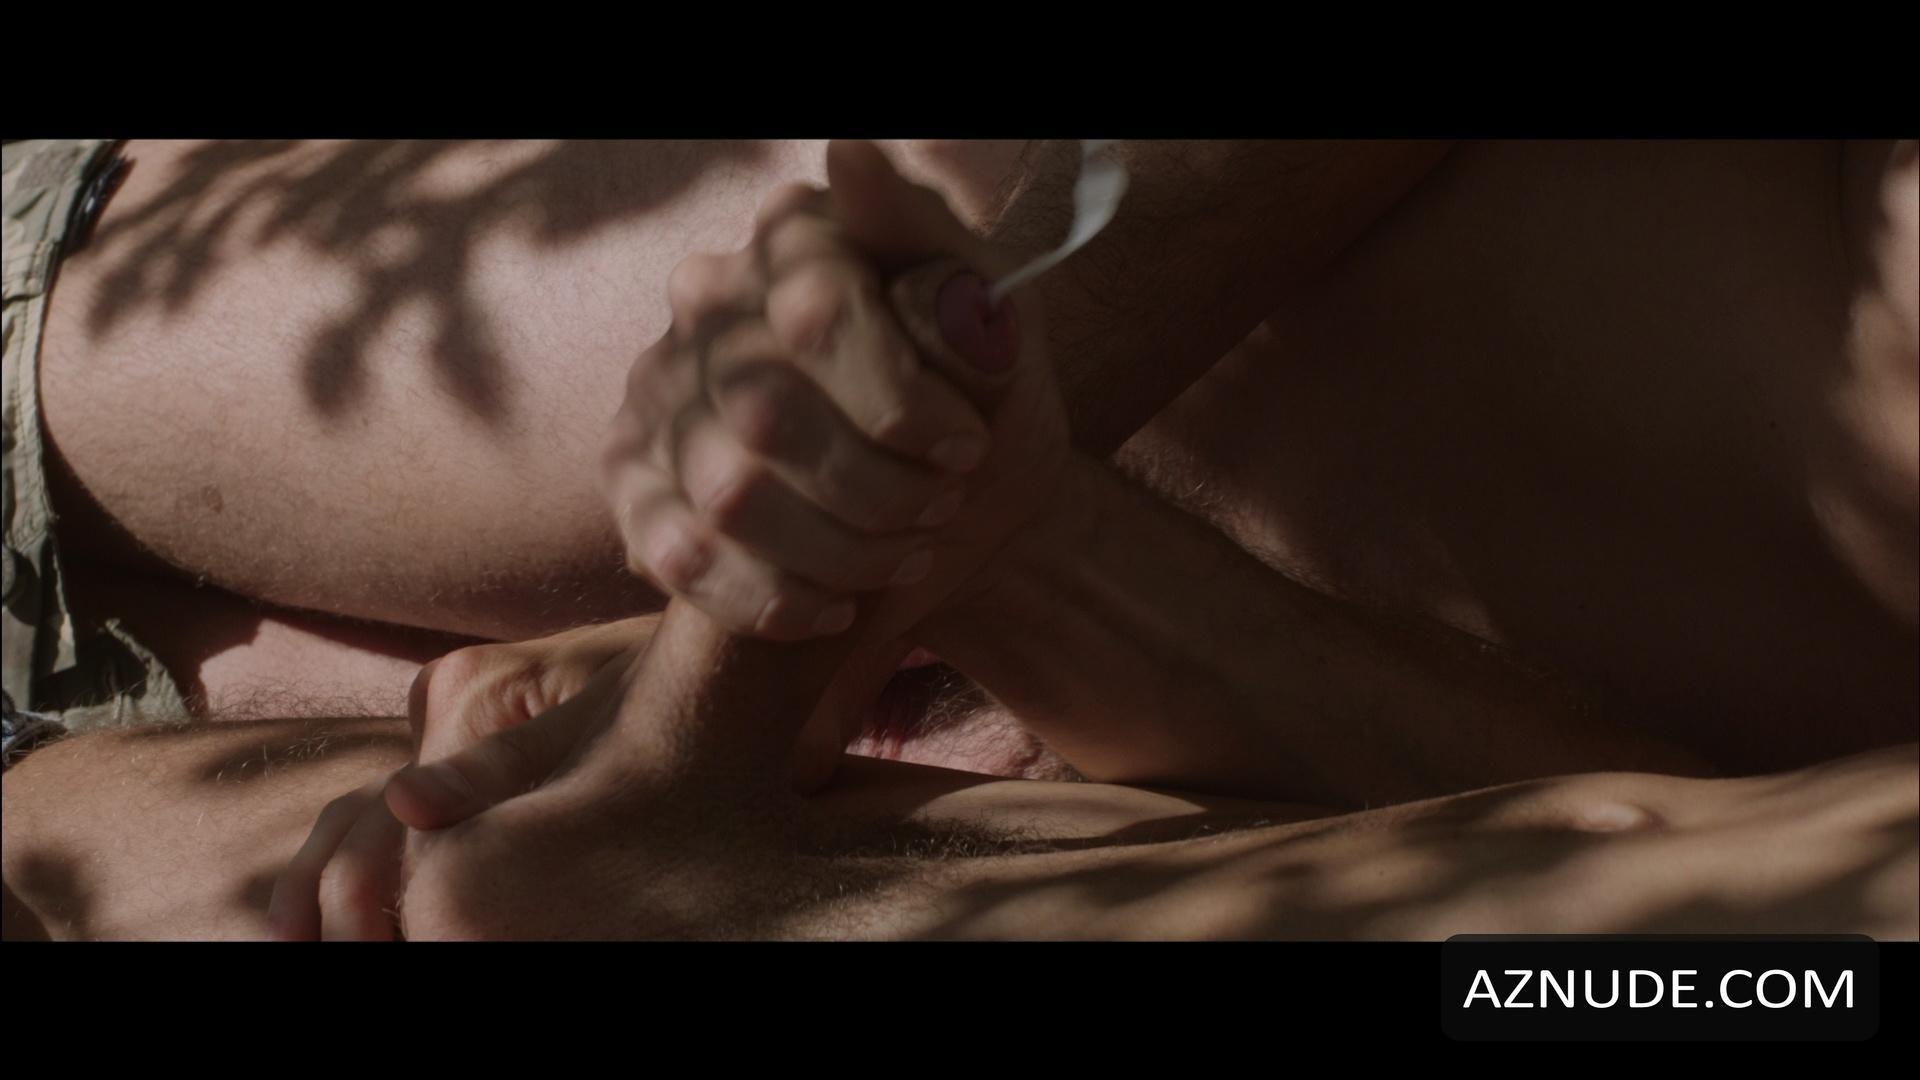 PIERRE DELADONCHAMPS Nude  AZNude Men